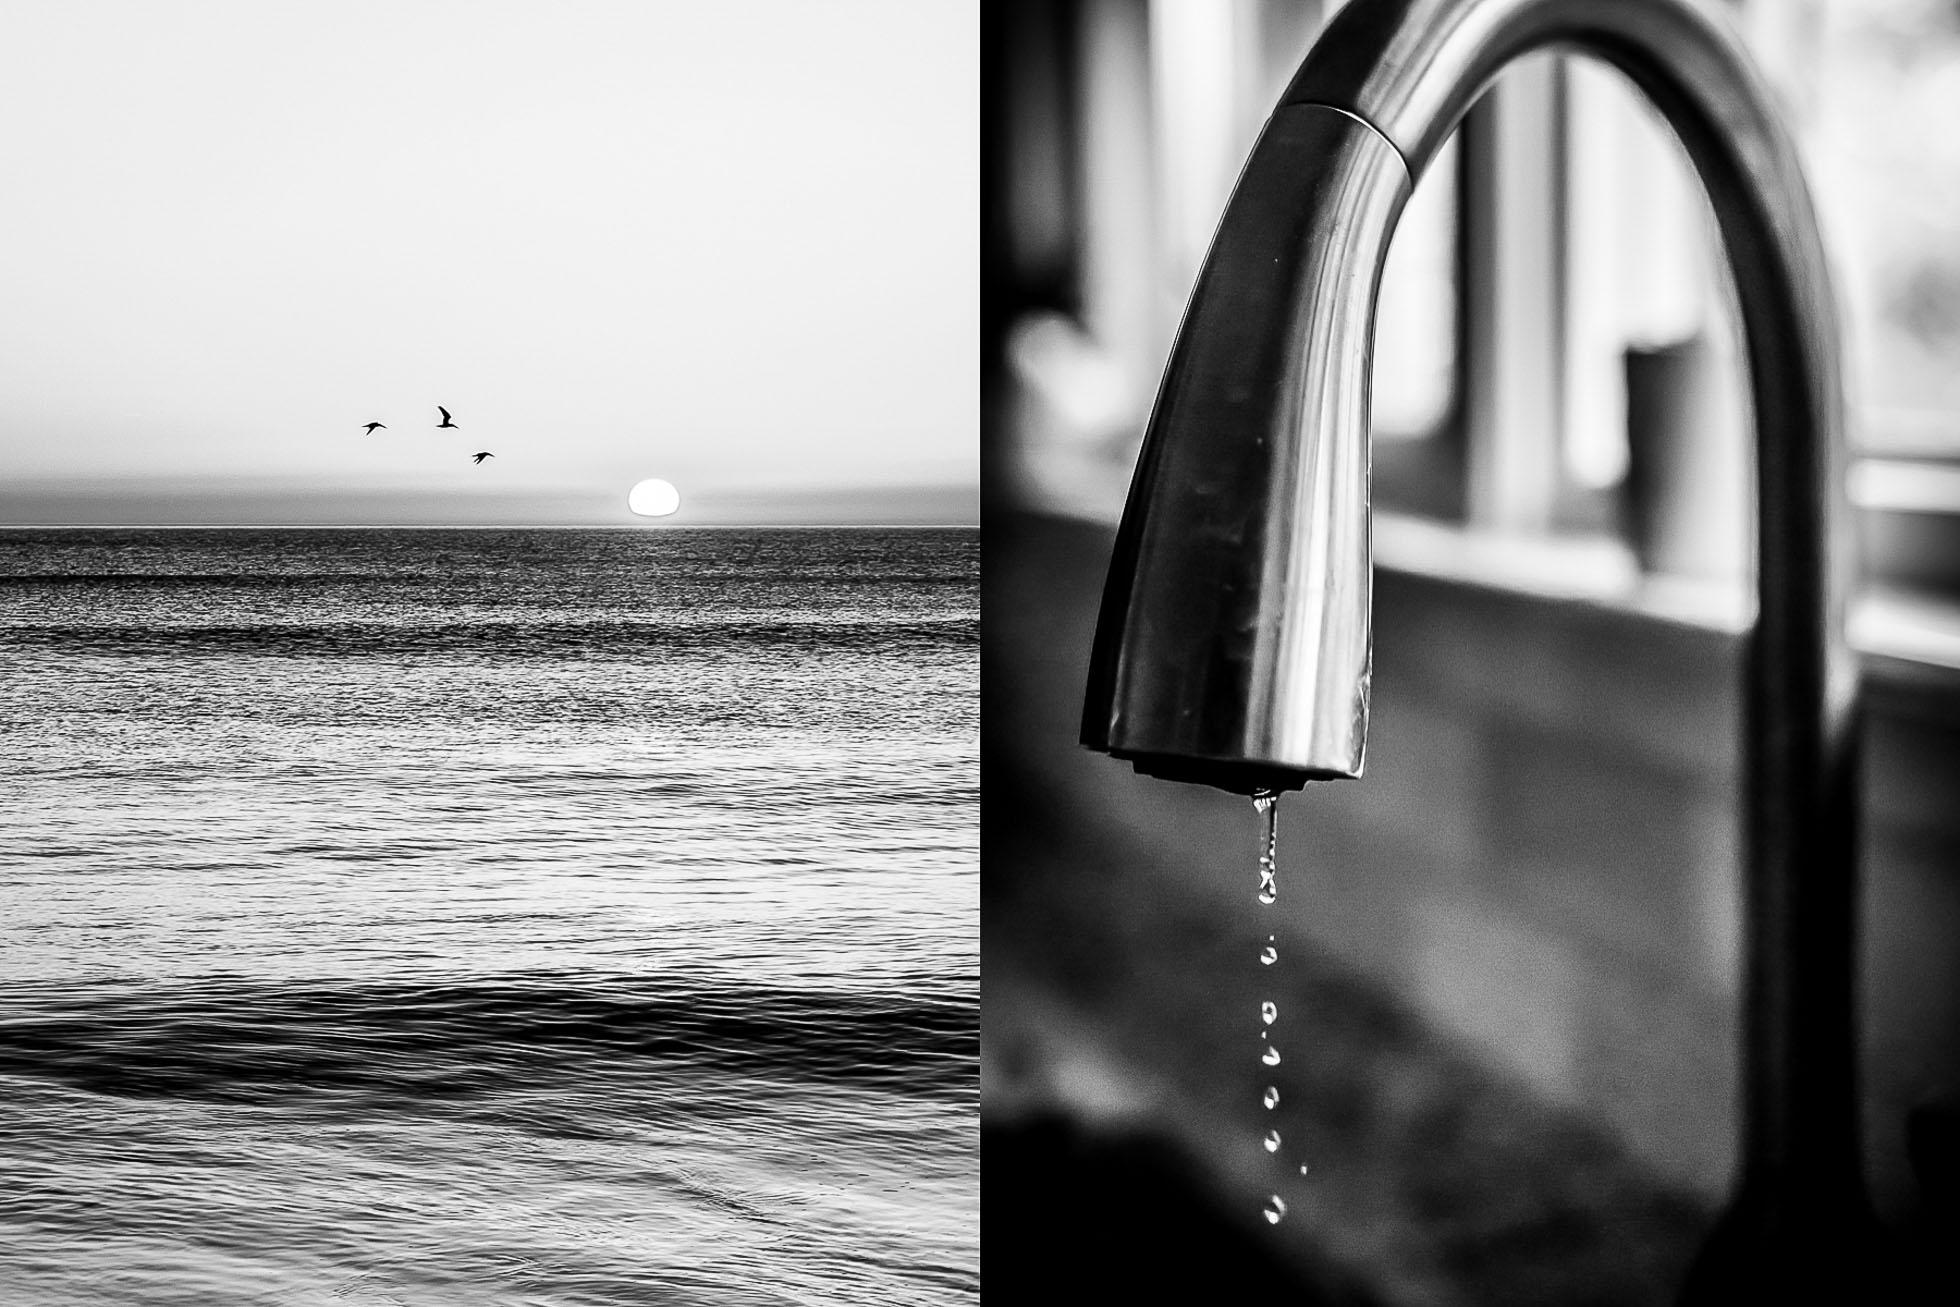 kathyroberts_a-drop-in-the-ocean-2